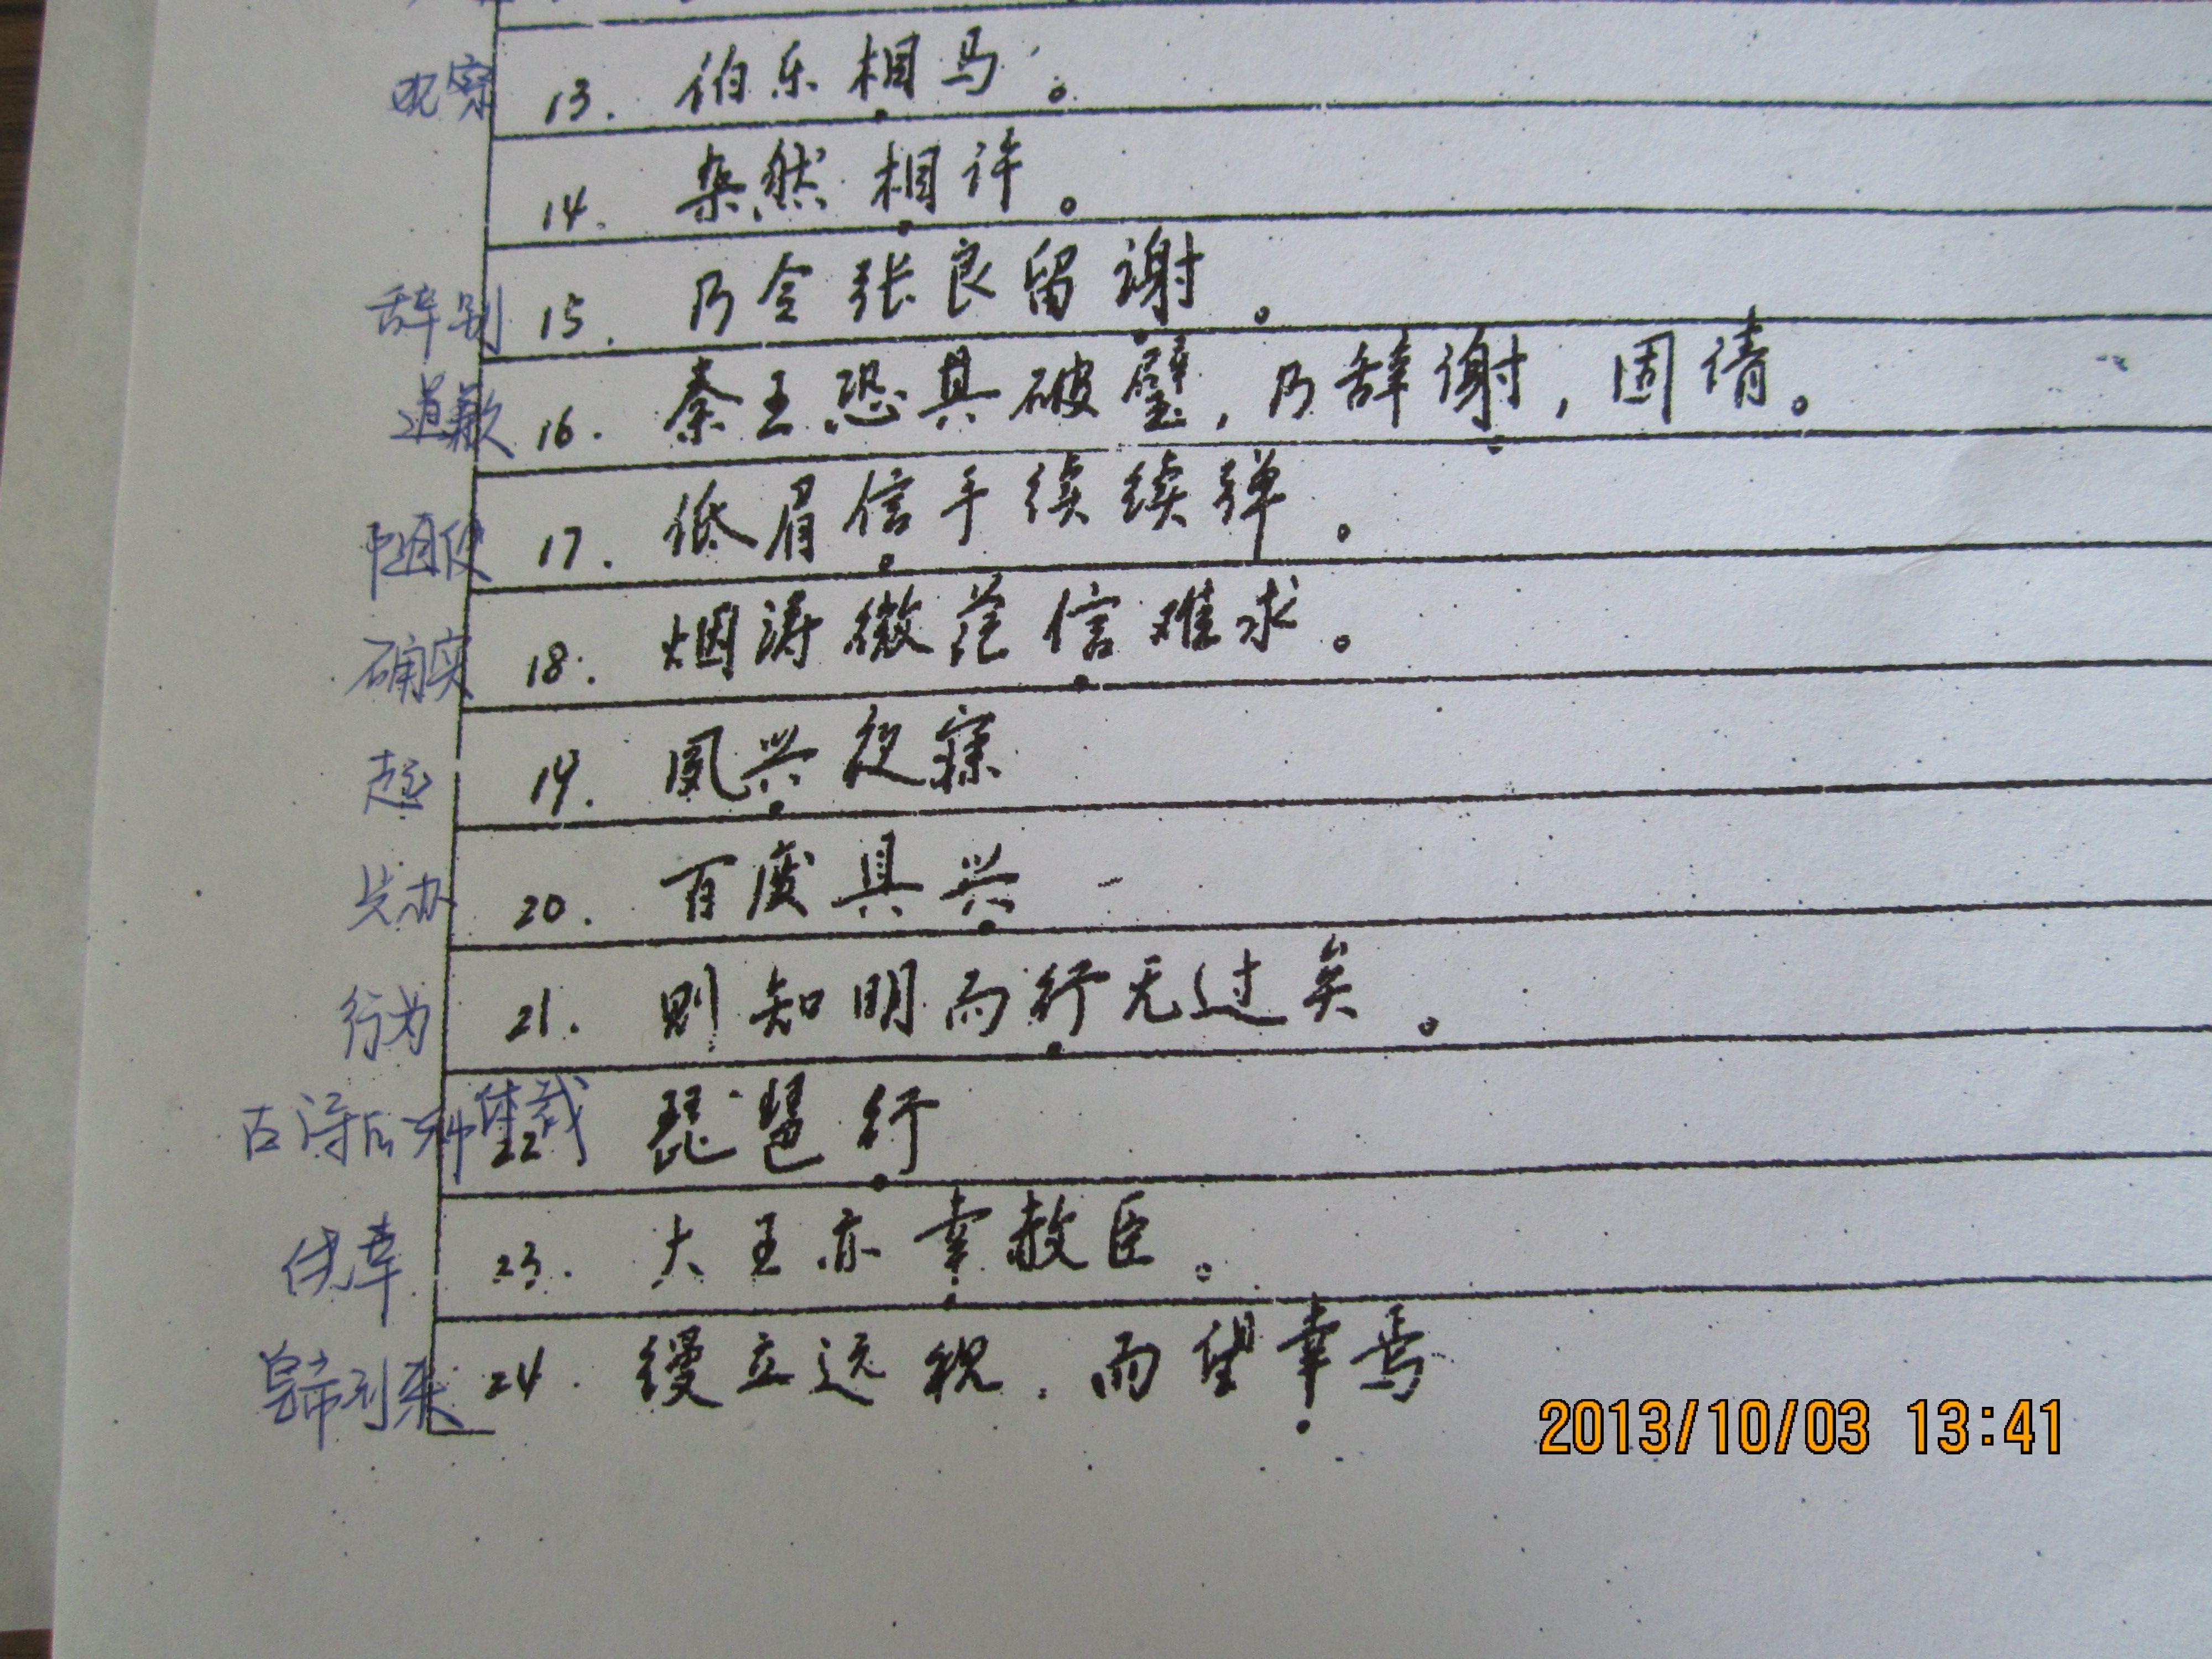 求古文全句翻译!图片